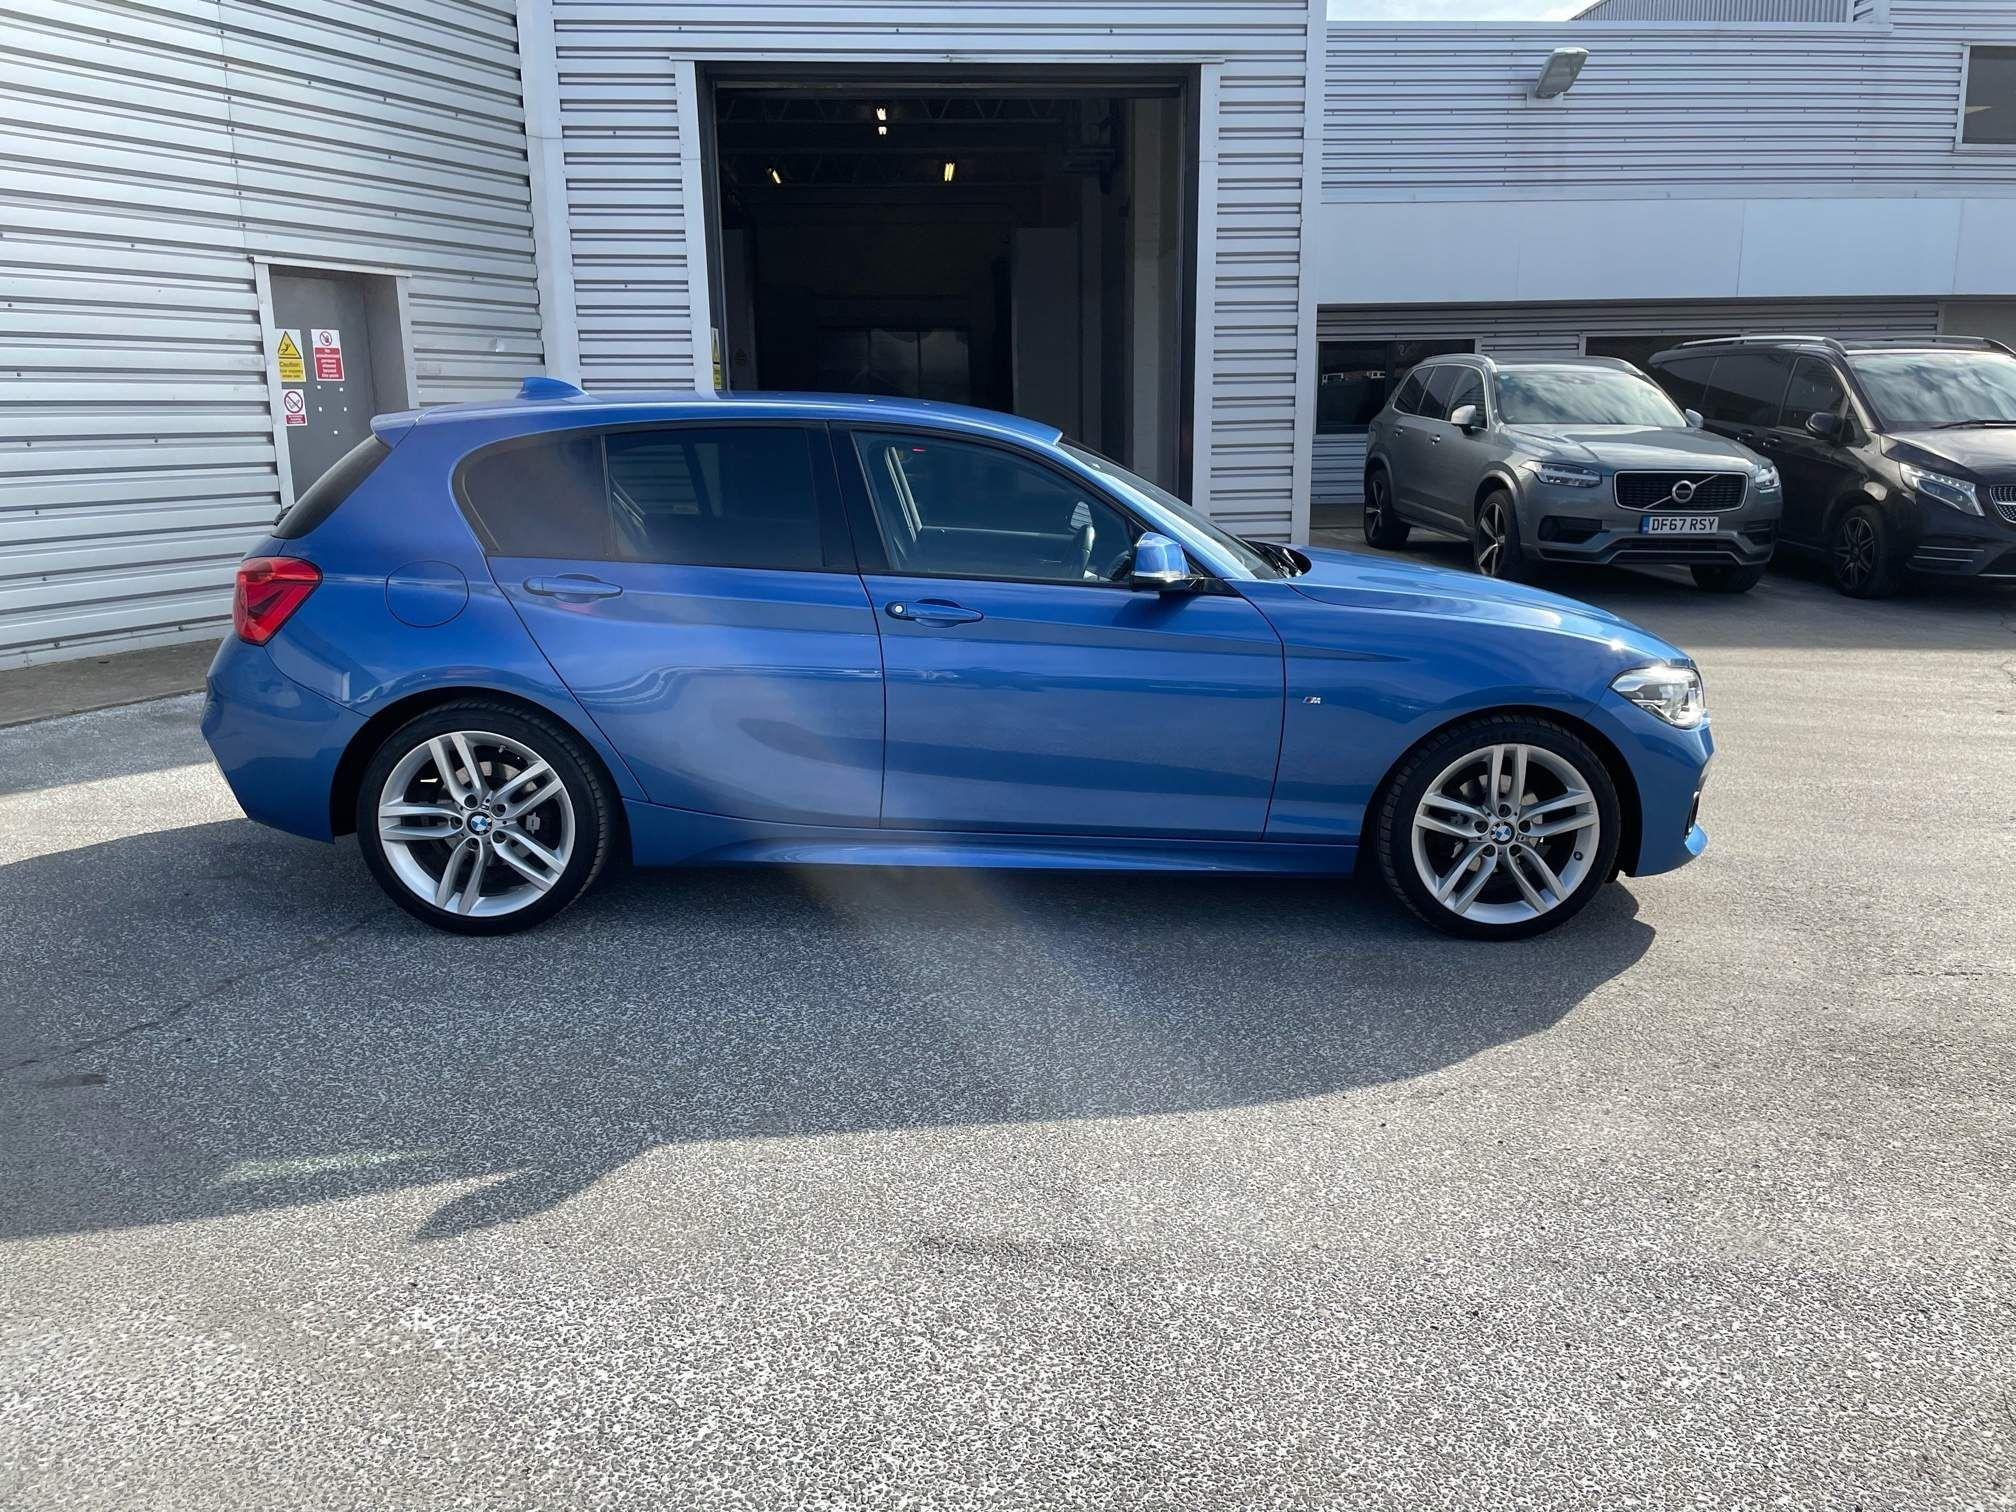 Image 3 - BMW 118d M Sport 5-Door (YF65XJM)